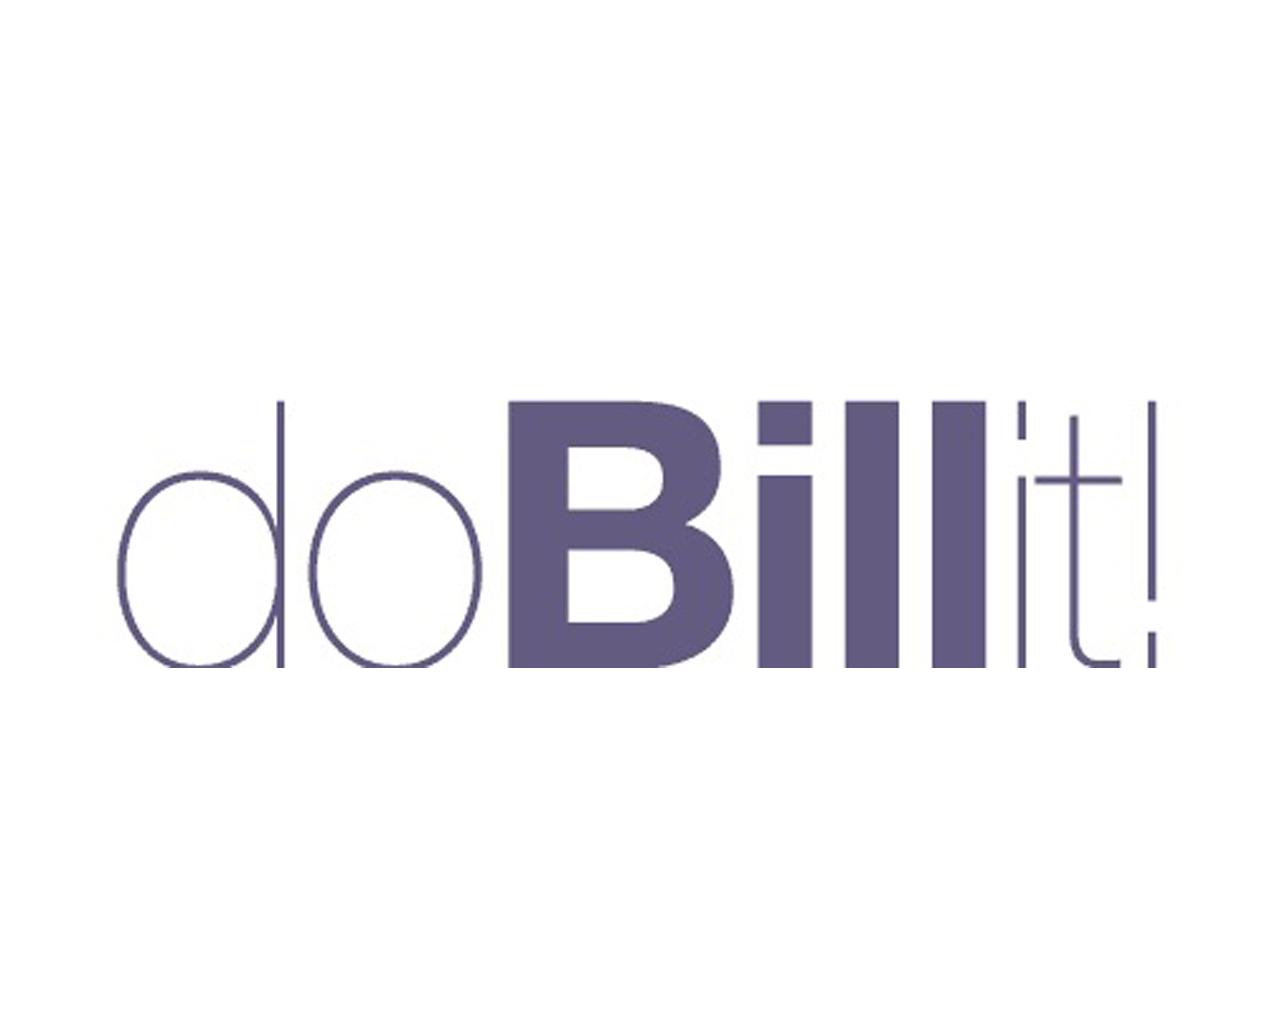 DoBillIt logo